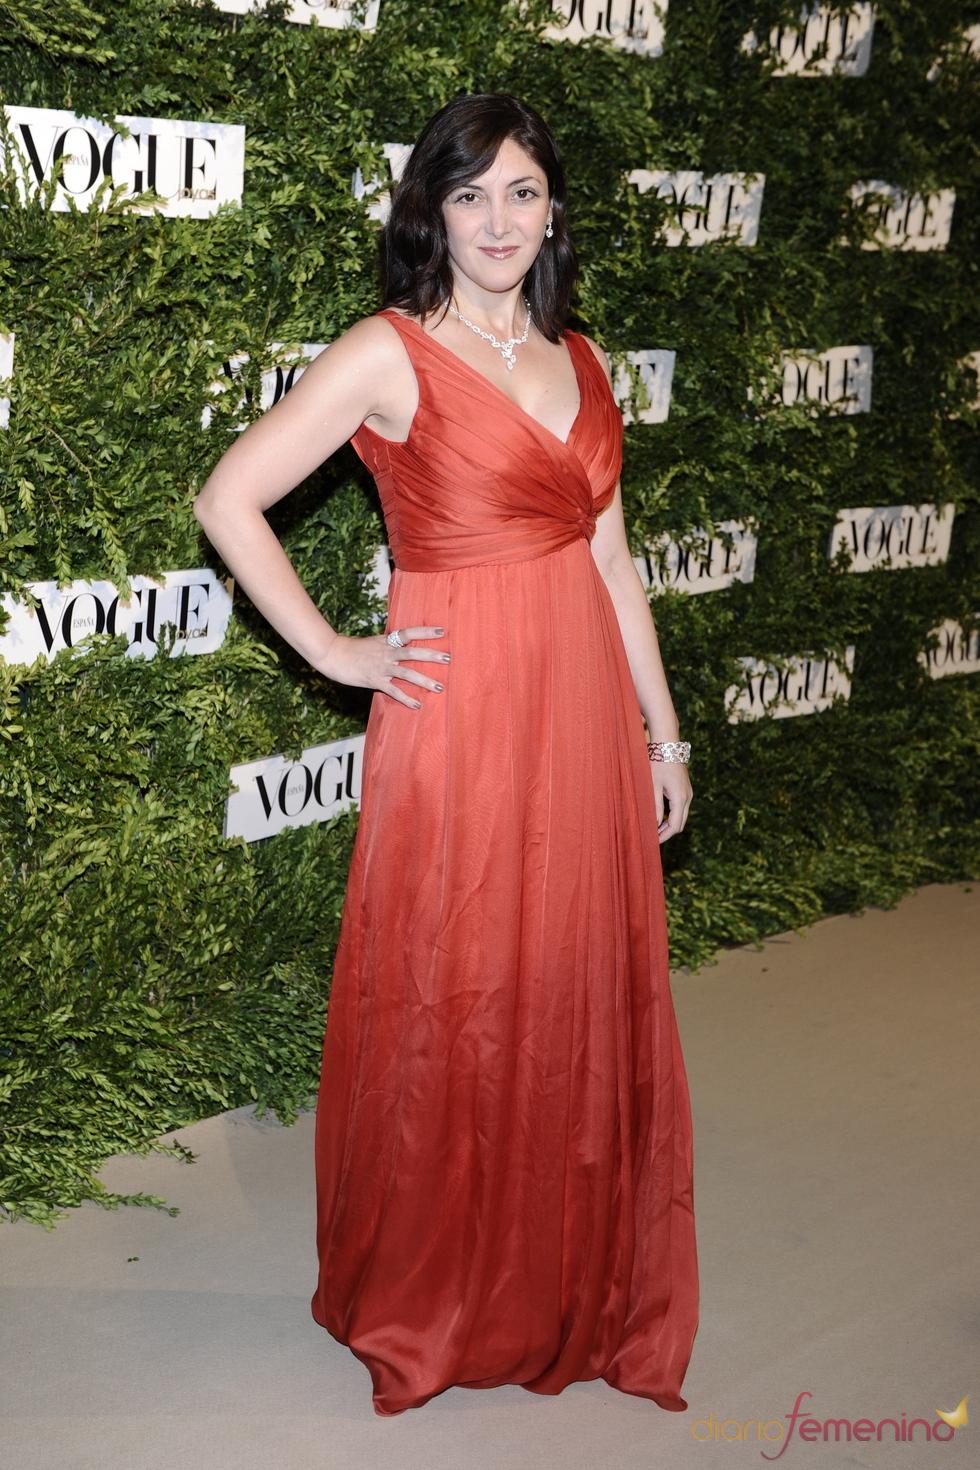 Espido Freire en los Premios Vogue Joyas 2011